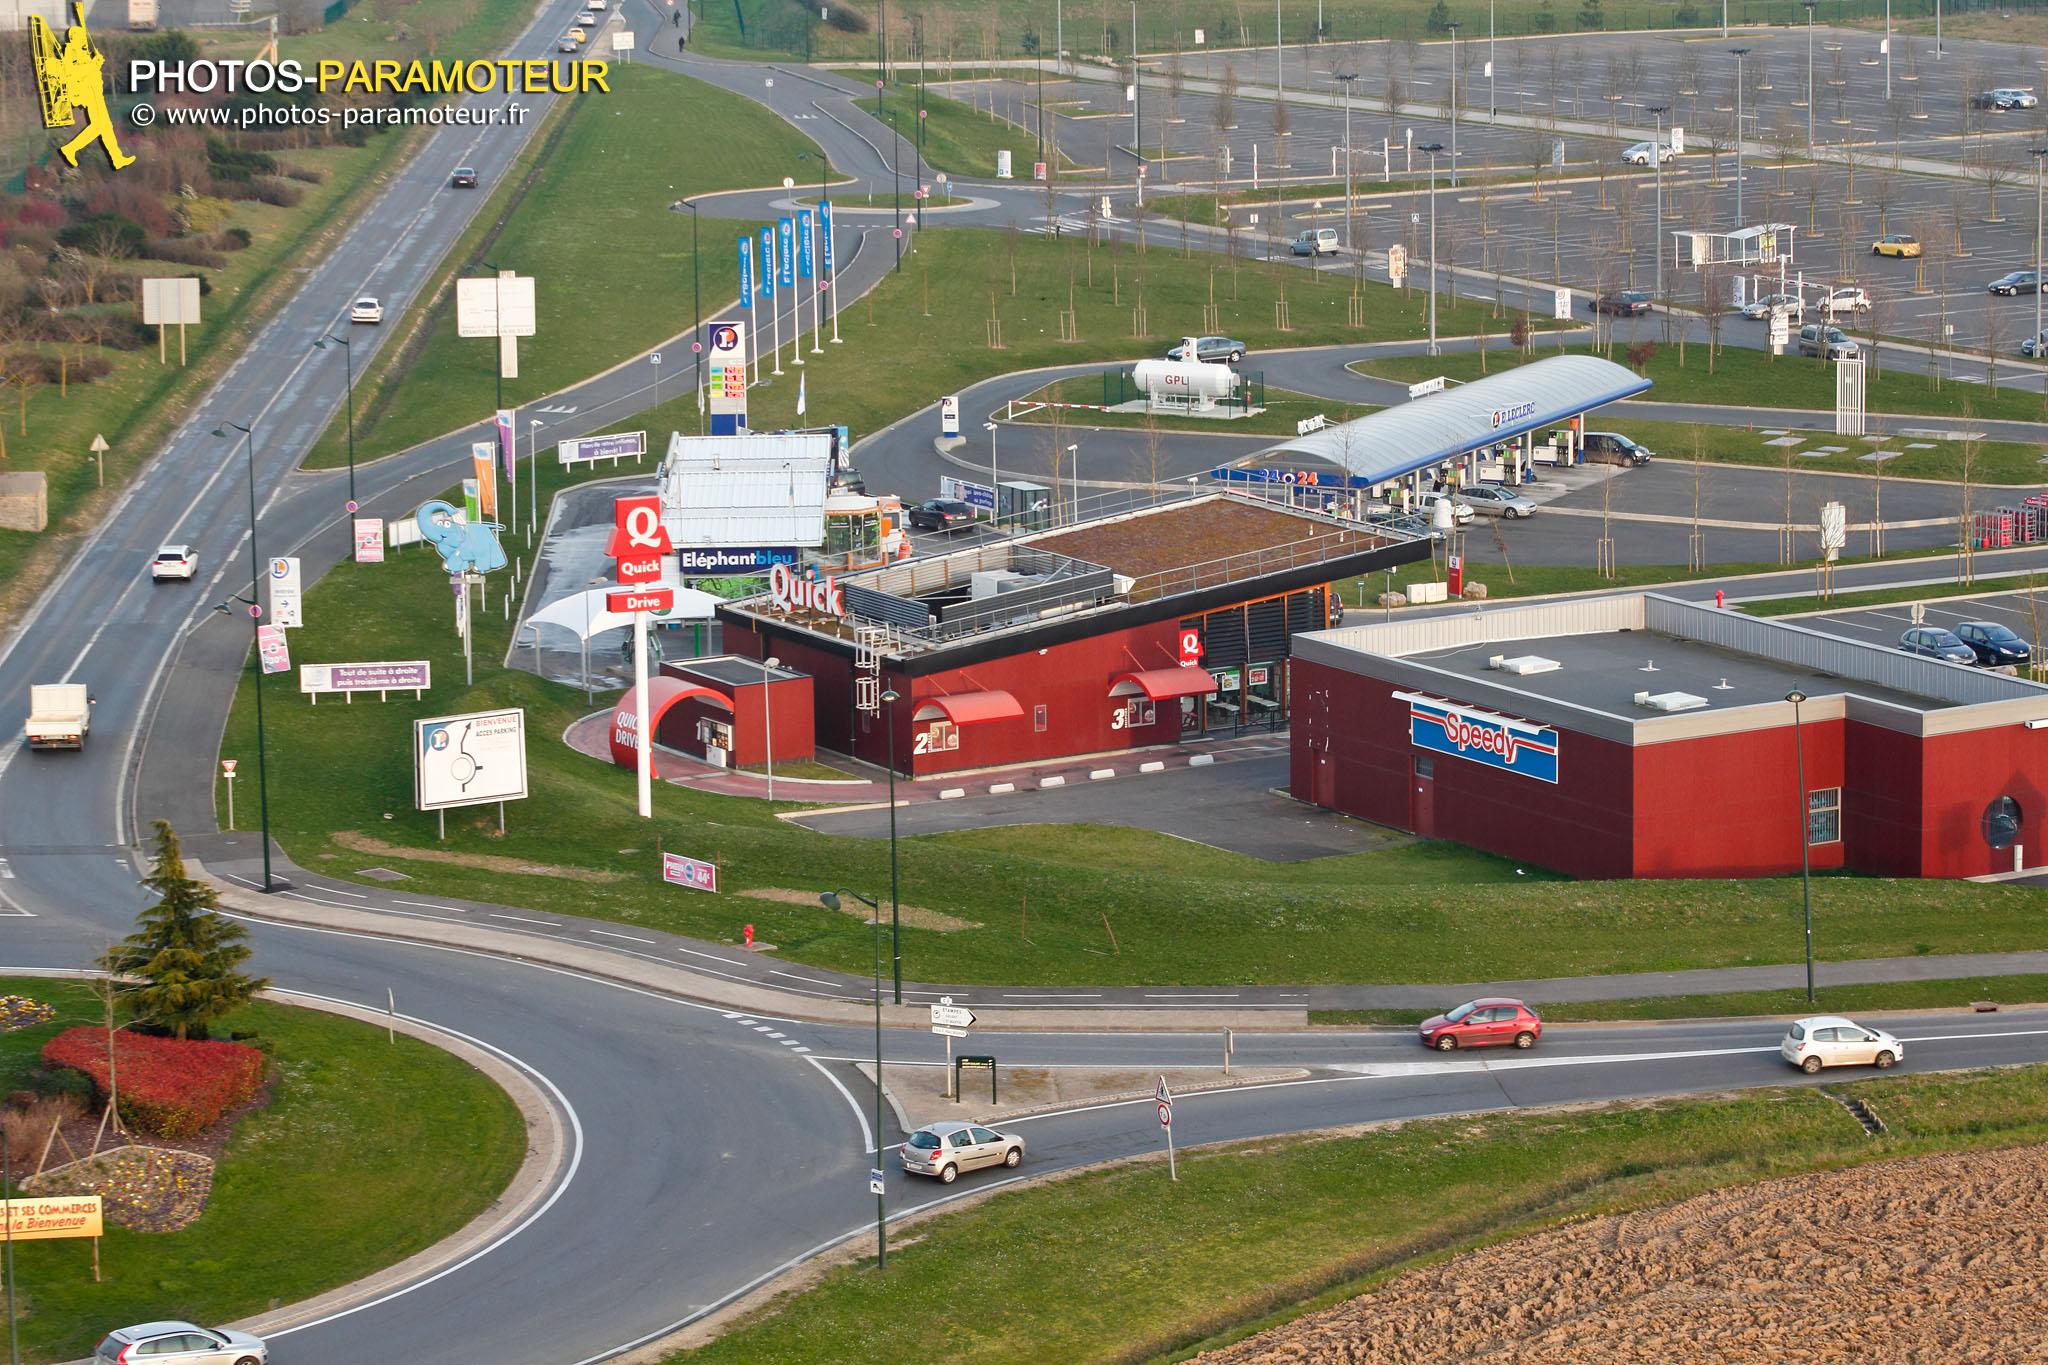 Centre commercial d'Etampes vue du ciel